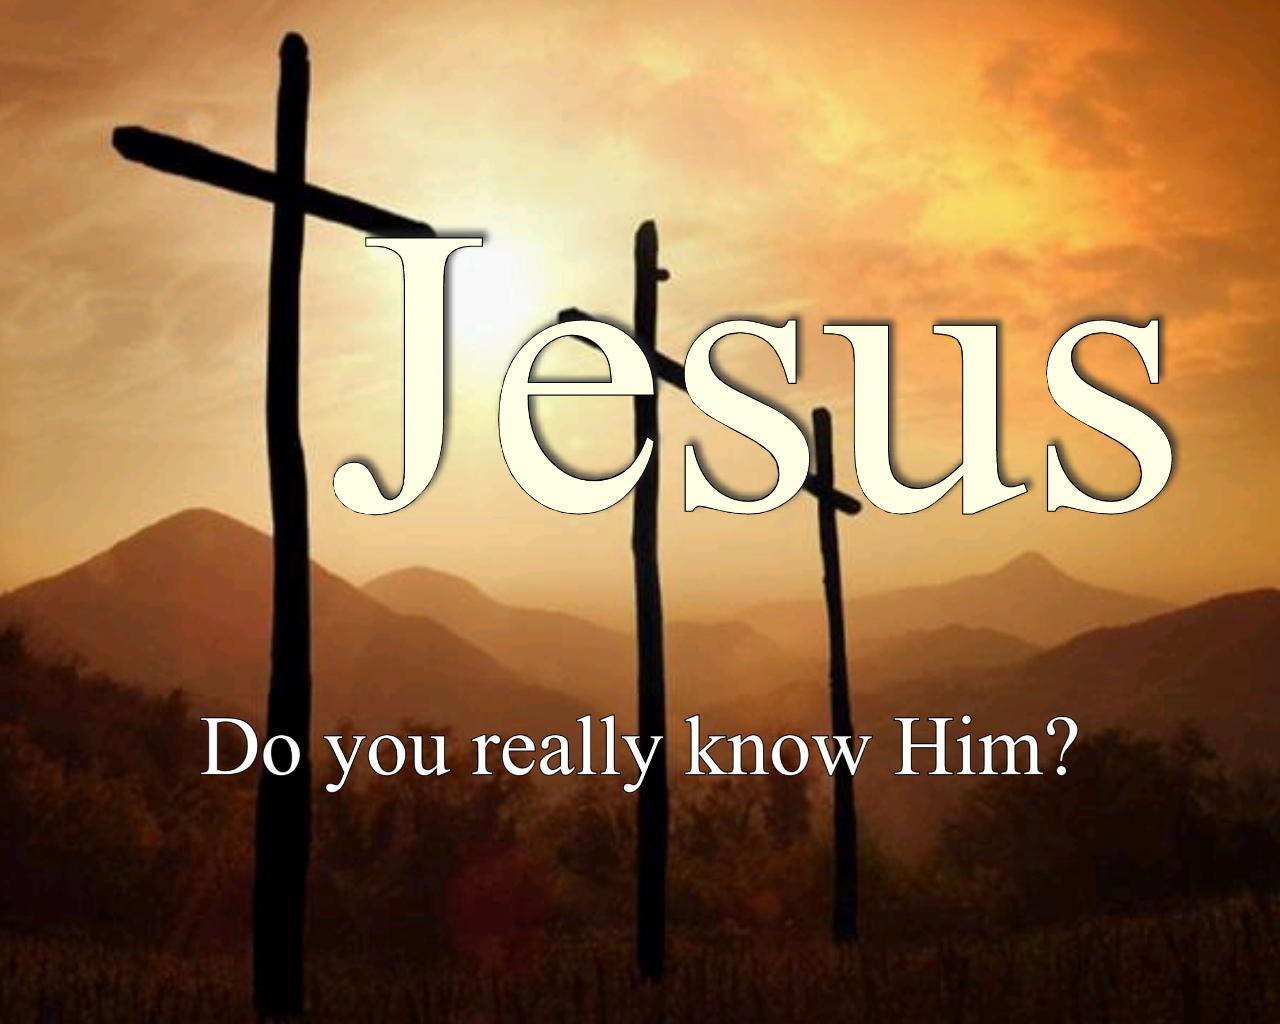 http://2.bp.blogspot.com/_dBYP49n3CVA/THjLMFLH4-I/AAAAAAAAACw/YBZ1wMrRjXs/s1600/Knowing_Jesus.6243317.jpg